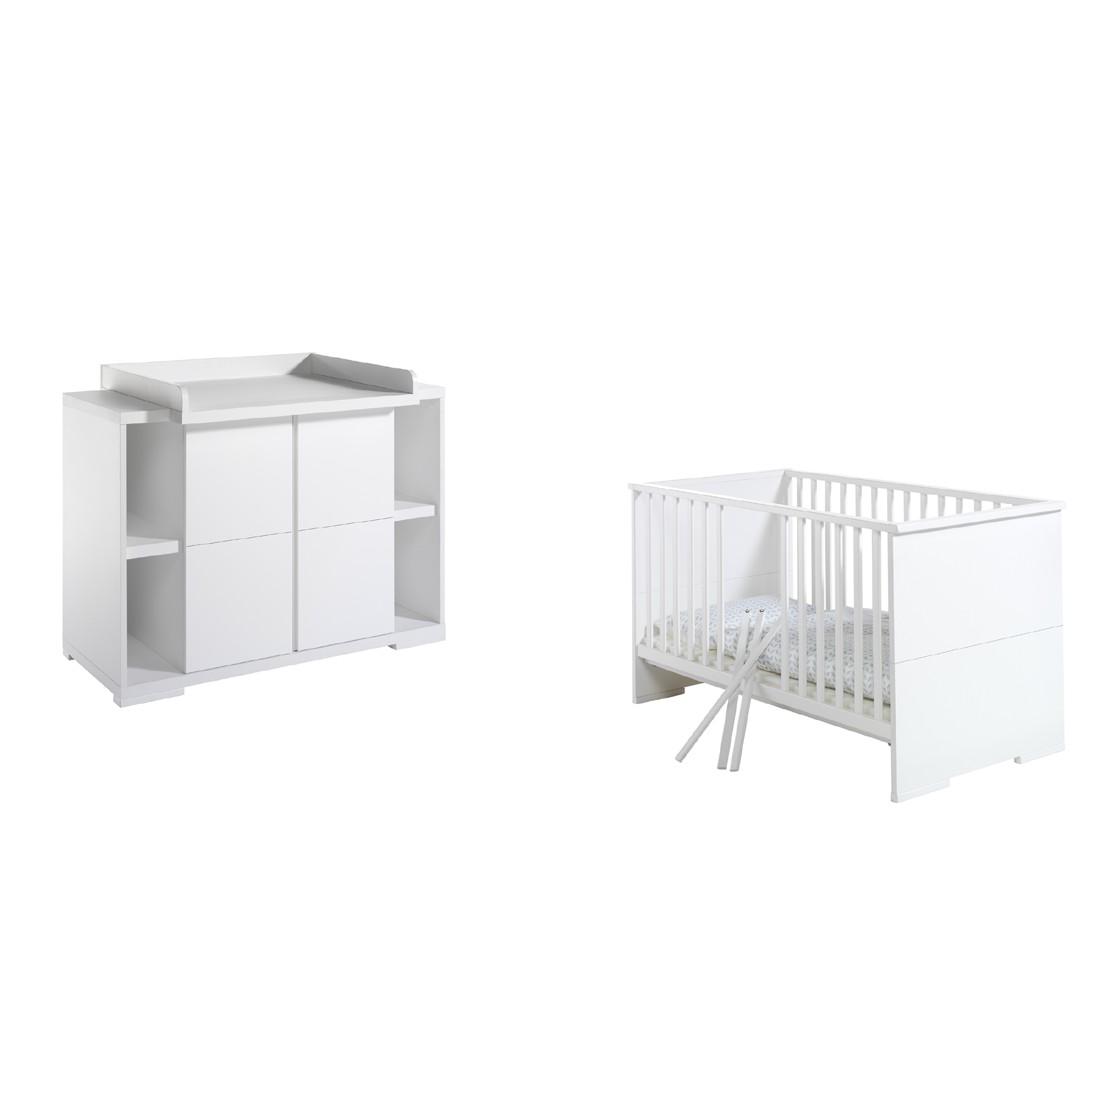 Babyzimmer-Set Maximo- Weiß, Schardt